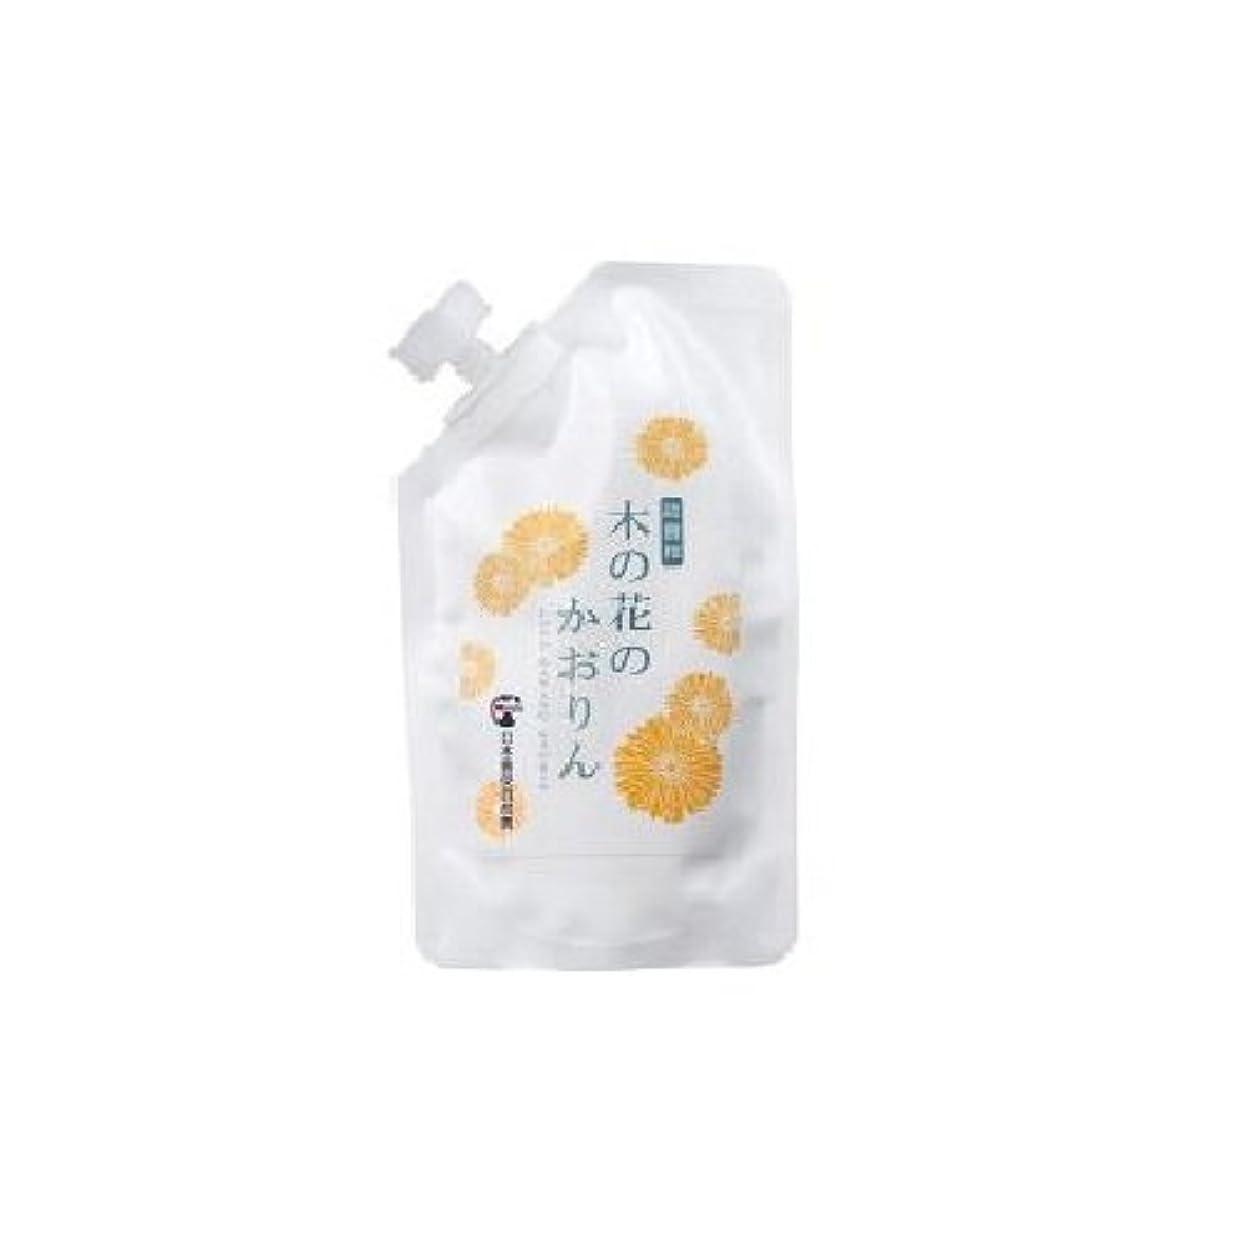 前方へ吐き出す競争日本豊受自然農 木の花のかおりん(デオドラント)詰替用 100ml